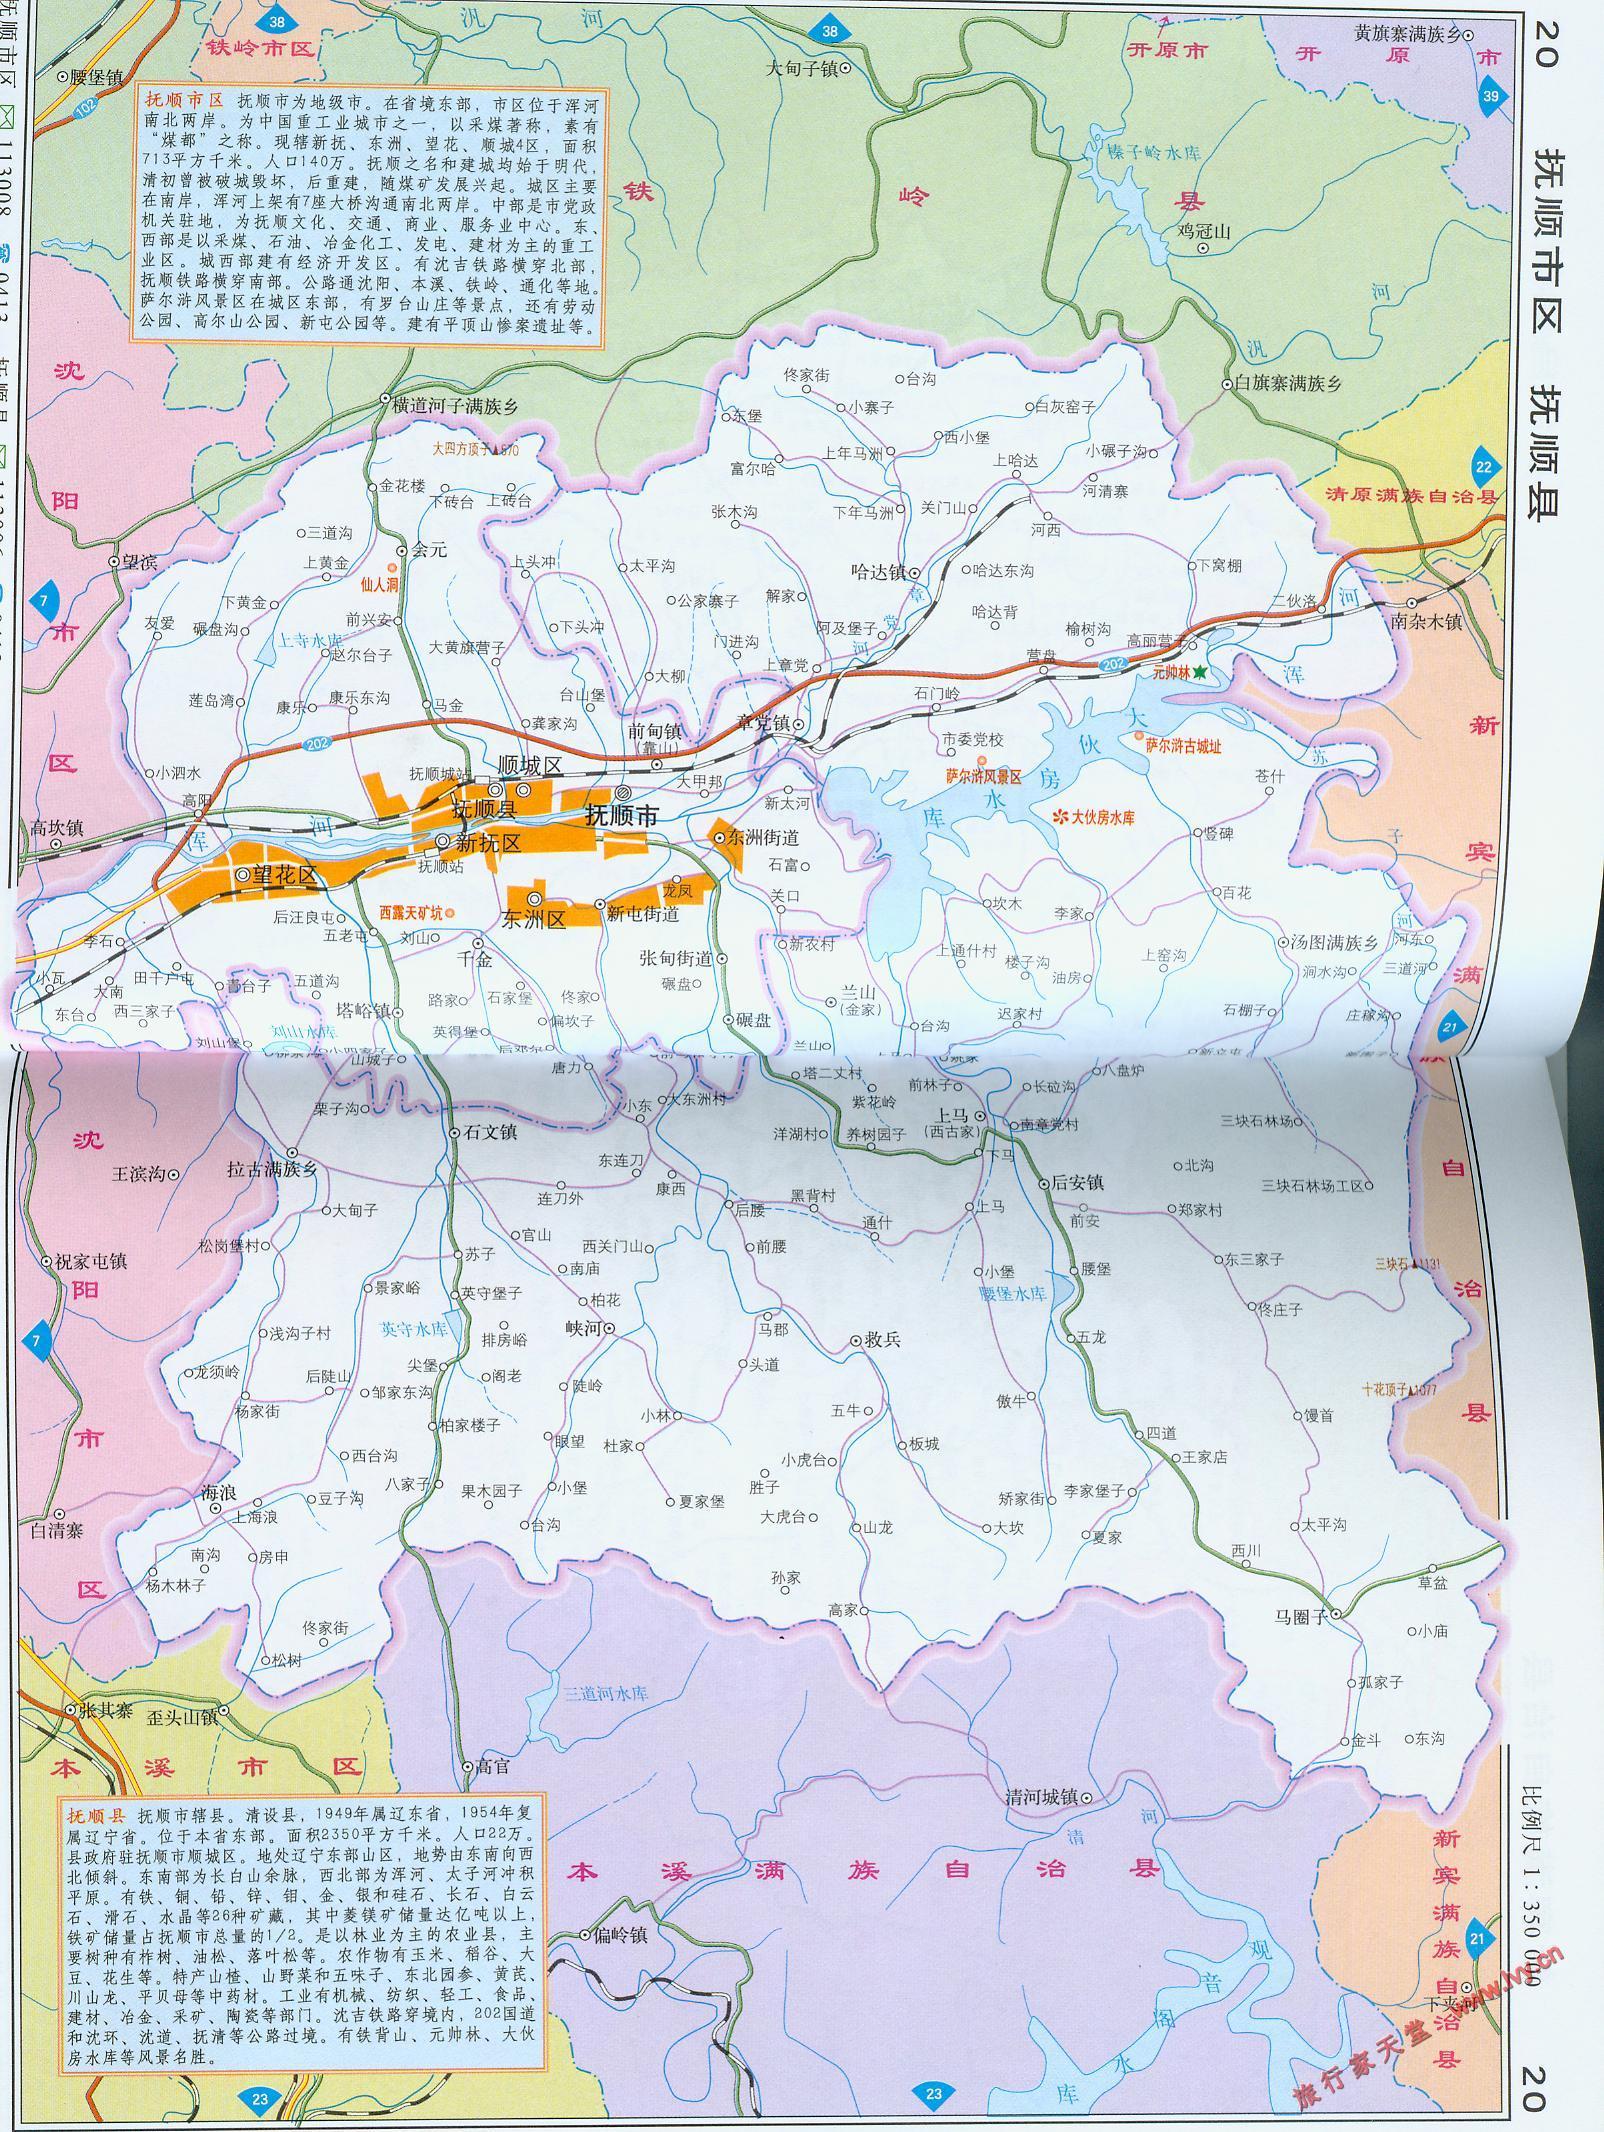 抚顺县地图_抚顺地图库图片